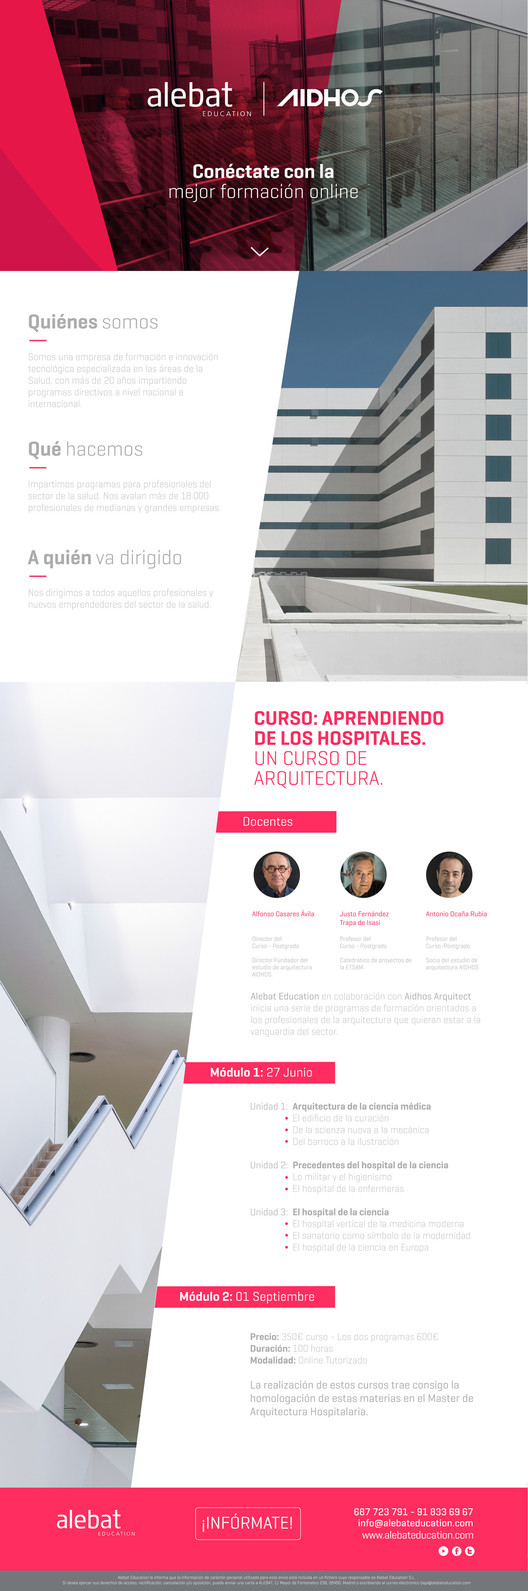 Aprendiendo De Los Hospitales Un Curso De Arquitectura